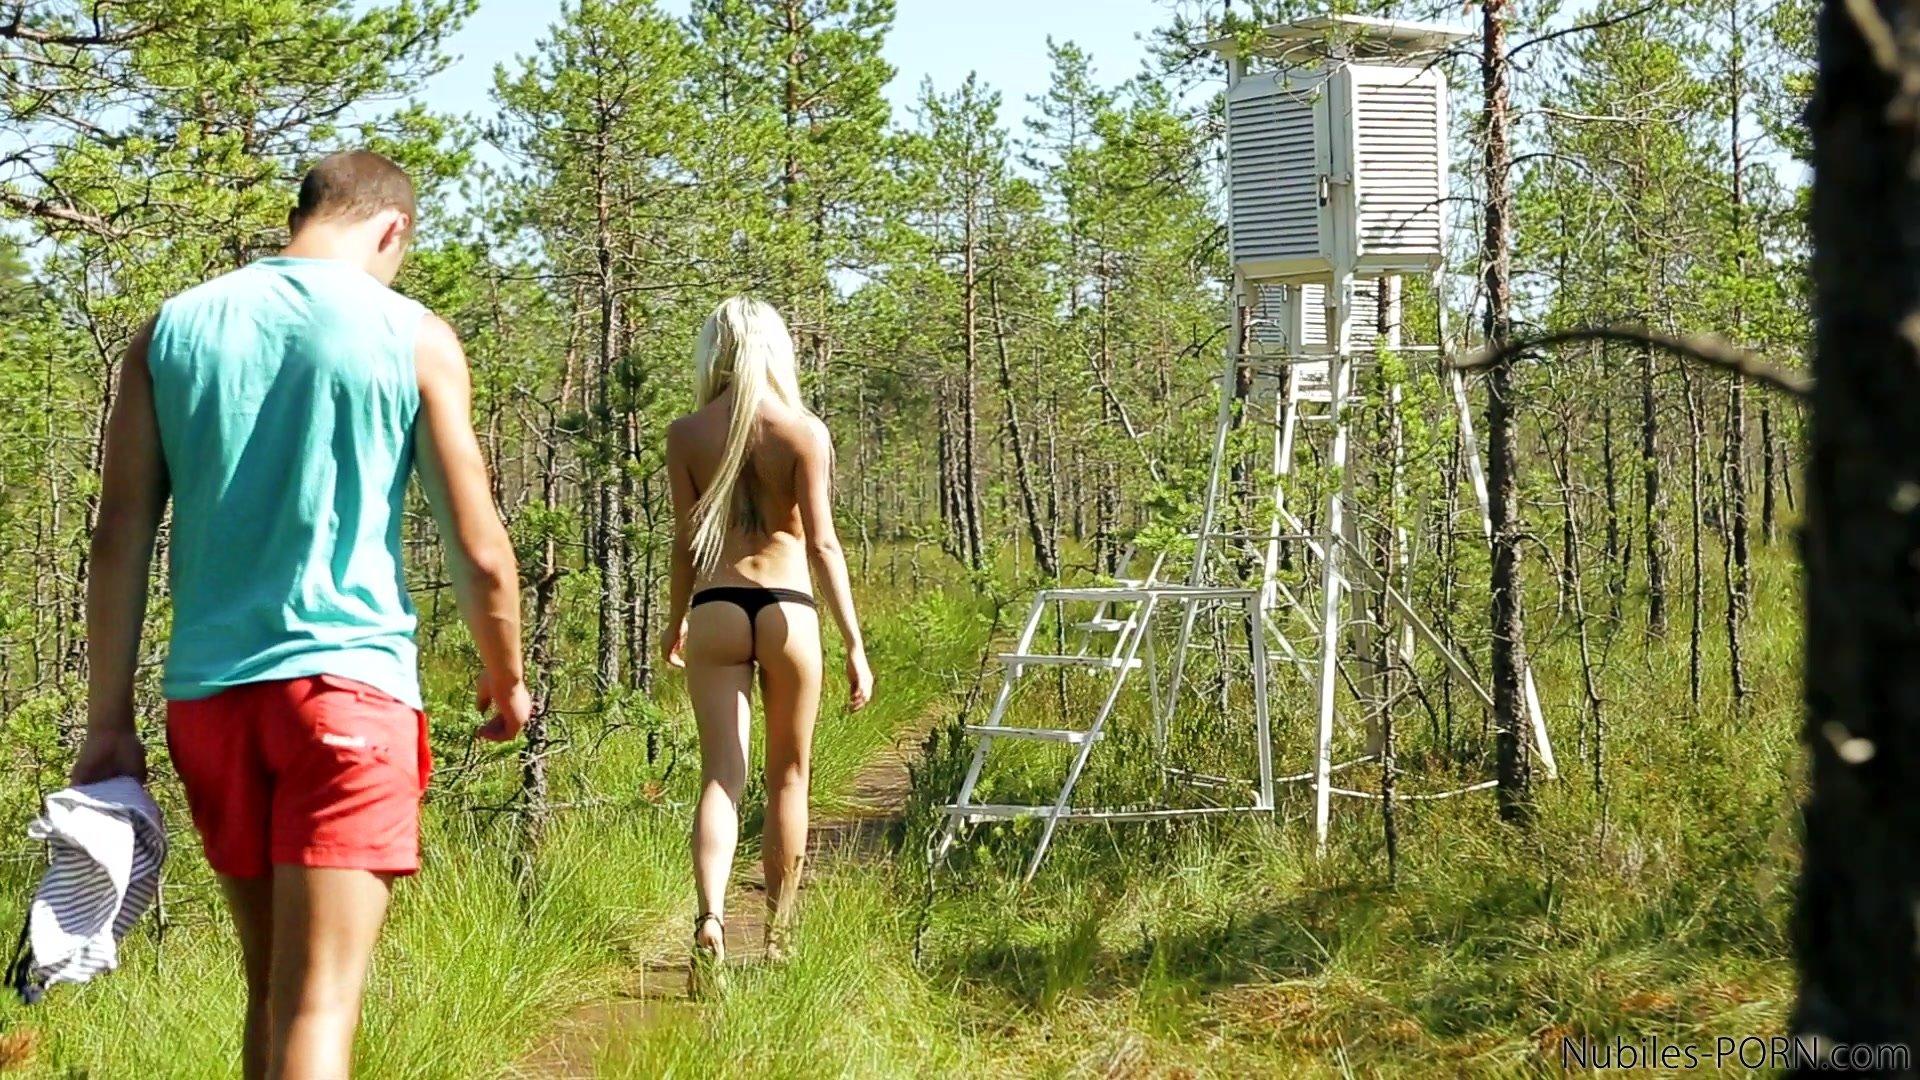 Блондинка гуляет по лесу с парнем, которого норовит соблазнить своей шикарной задницей, у нее все выходит